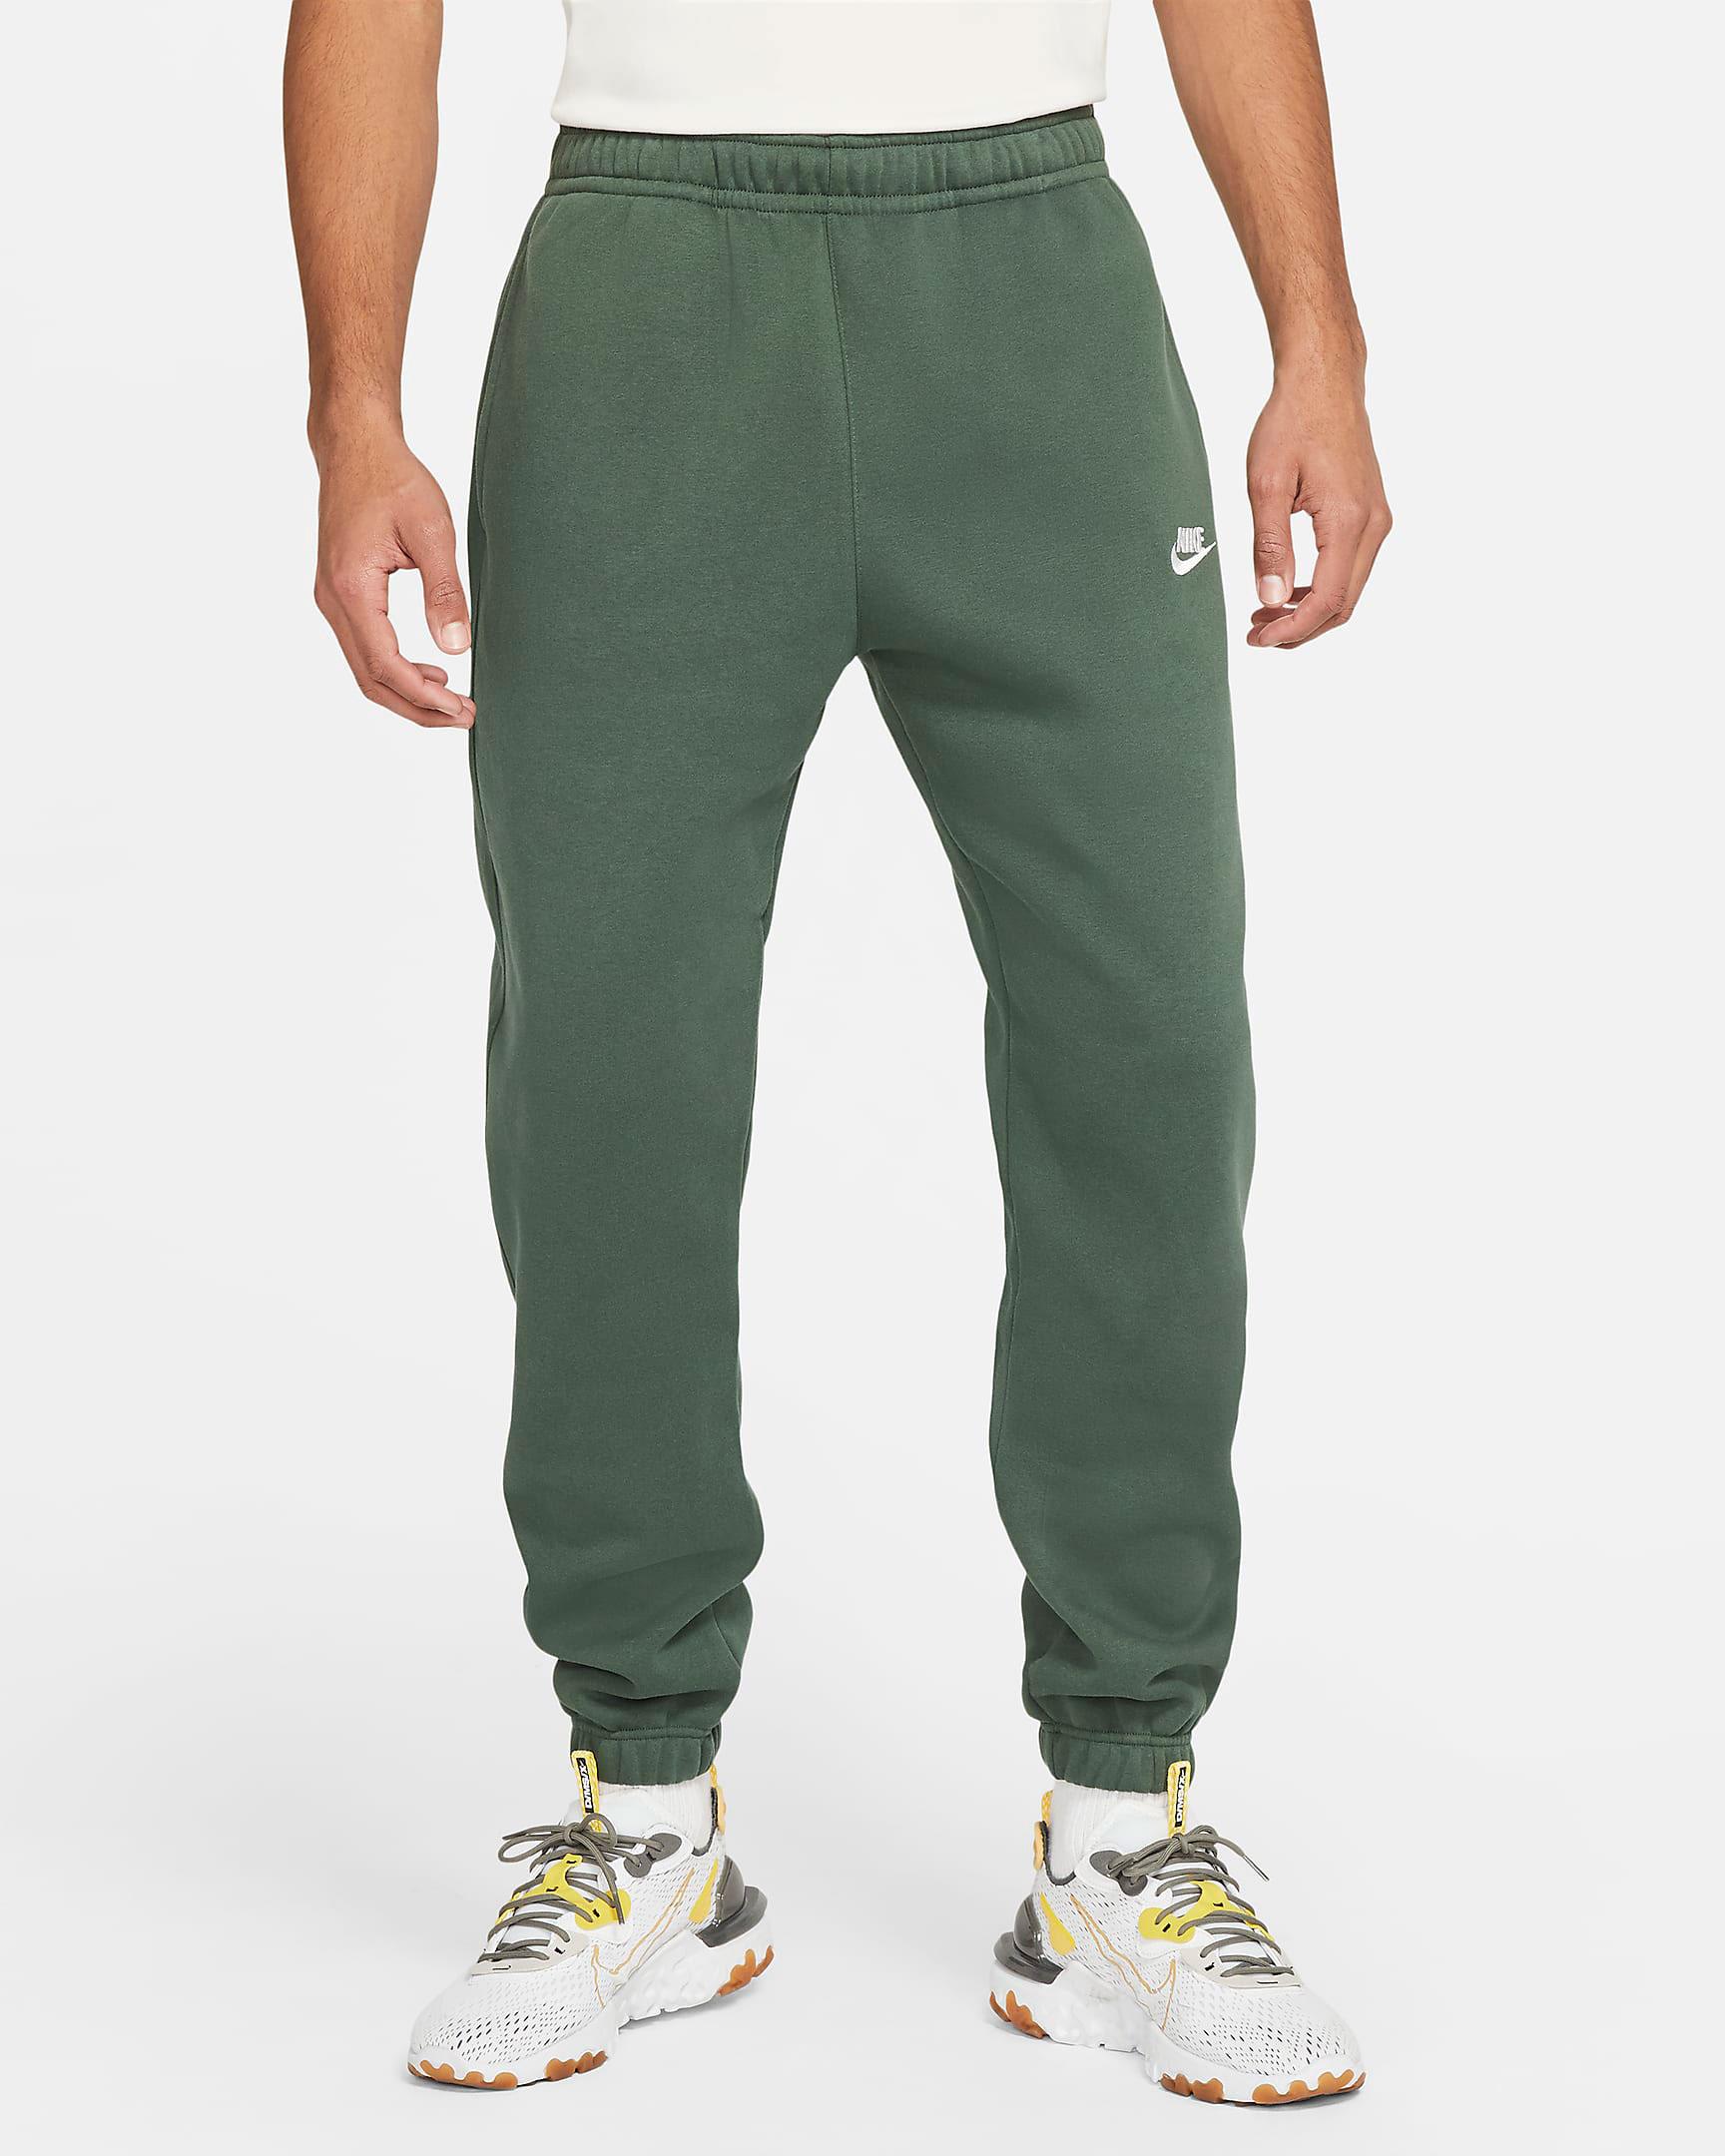 nike-galactic-jade-joggers